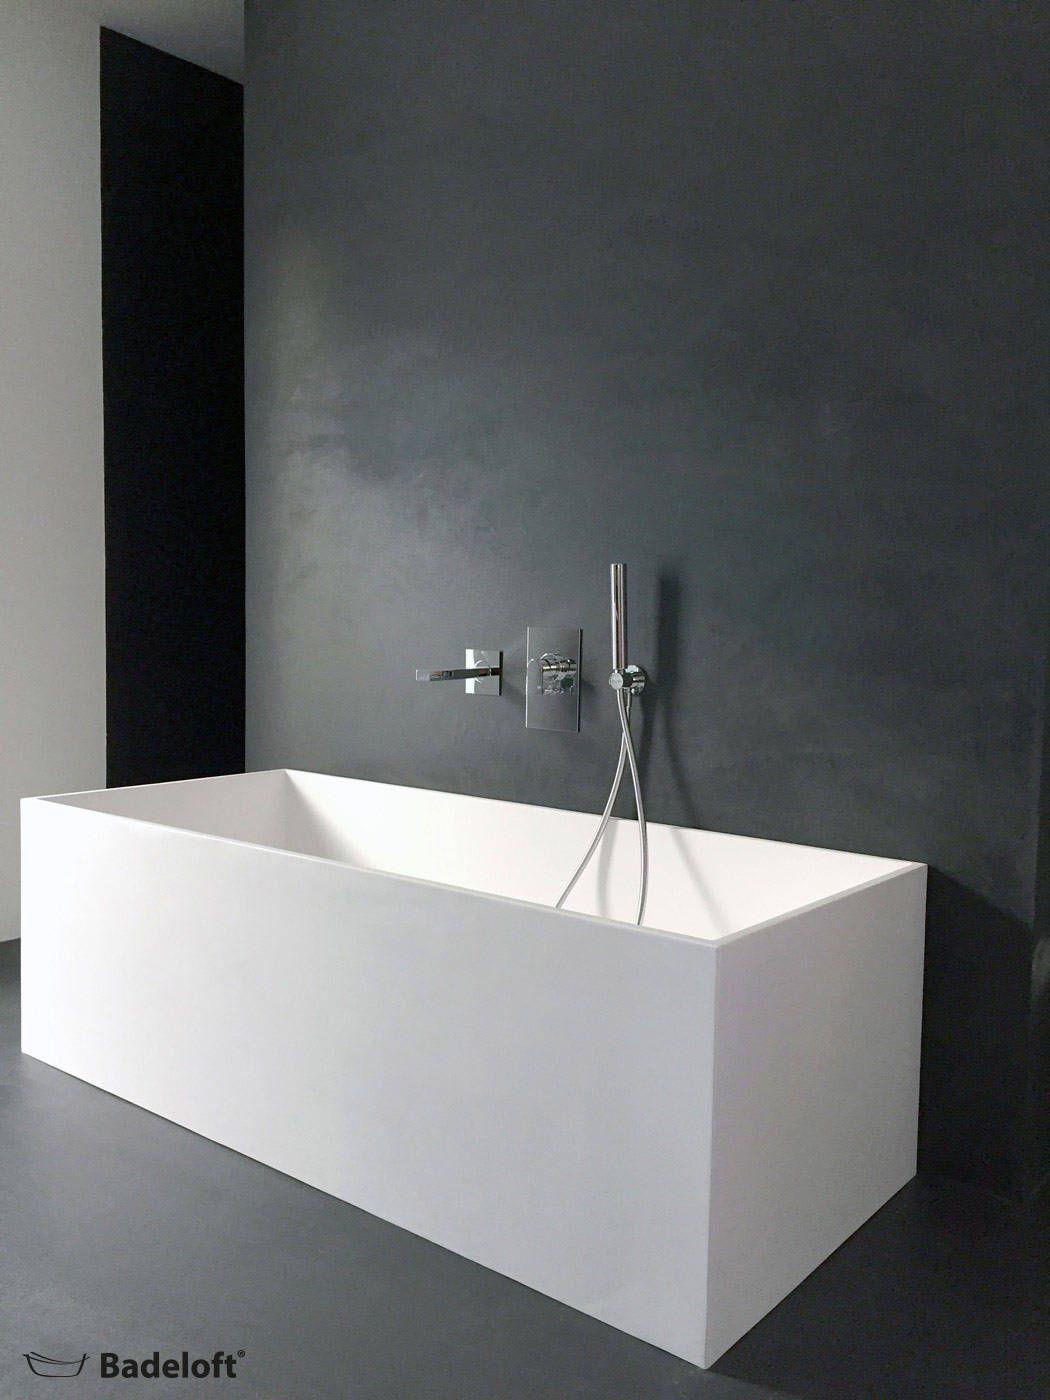 Badewanne Freistehend Eckig wohnideen, interior design, einrichtungsideen & bilder | bathroom to